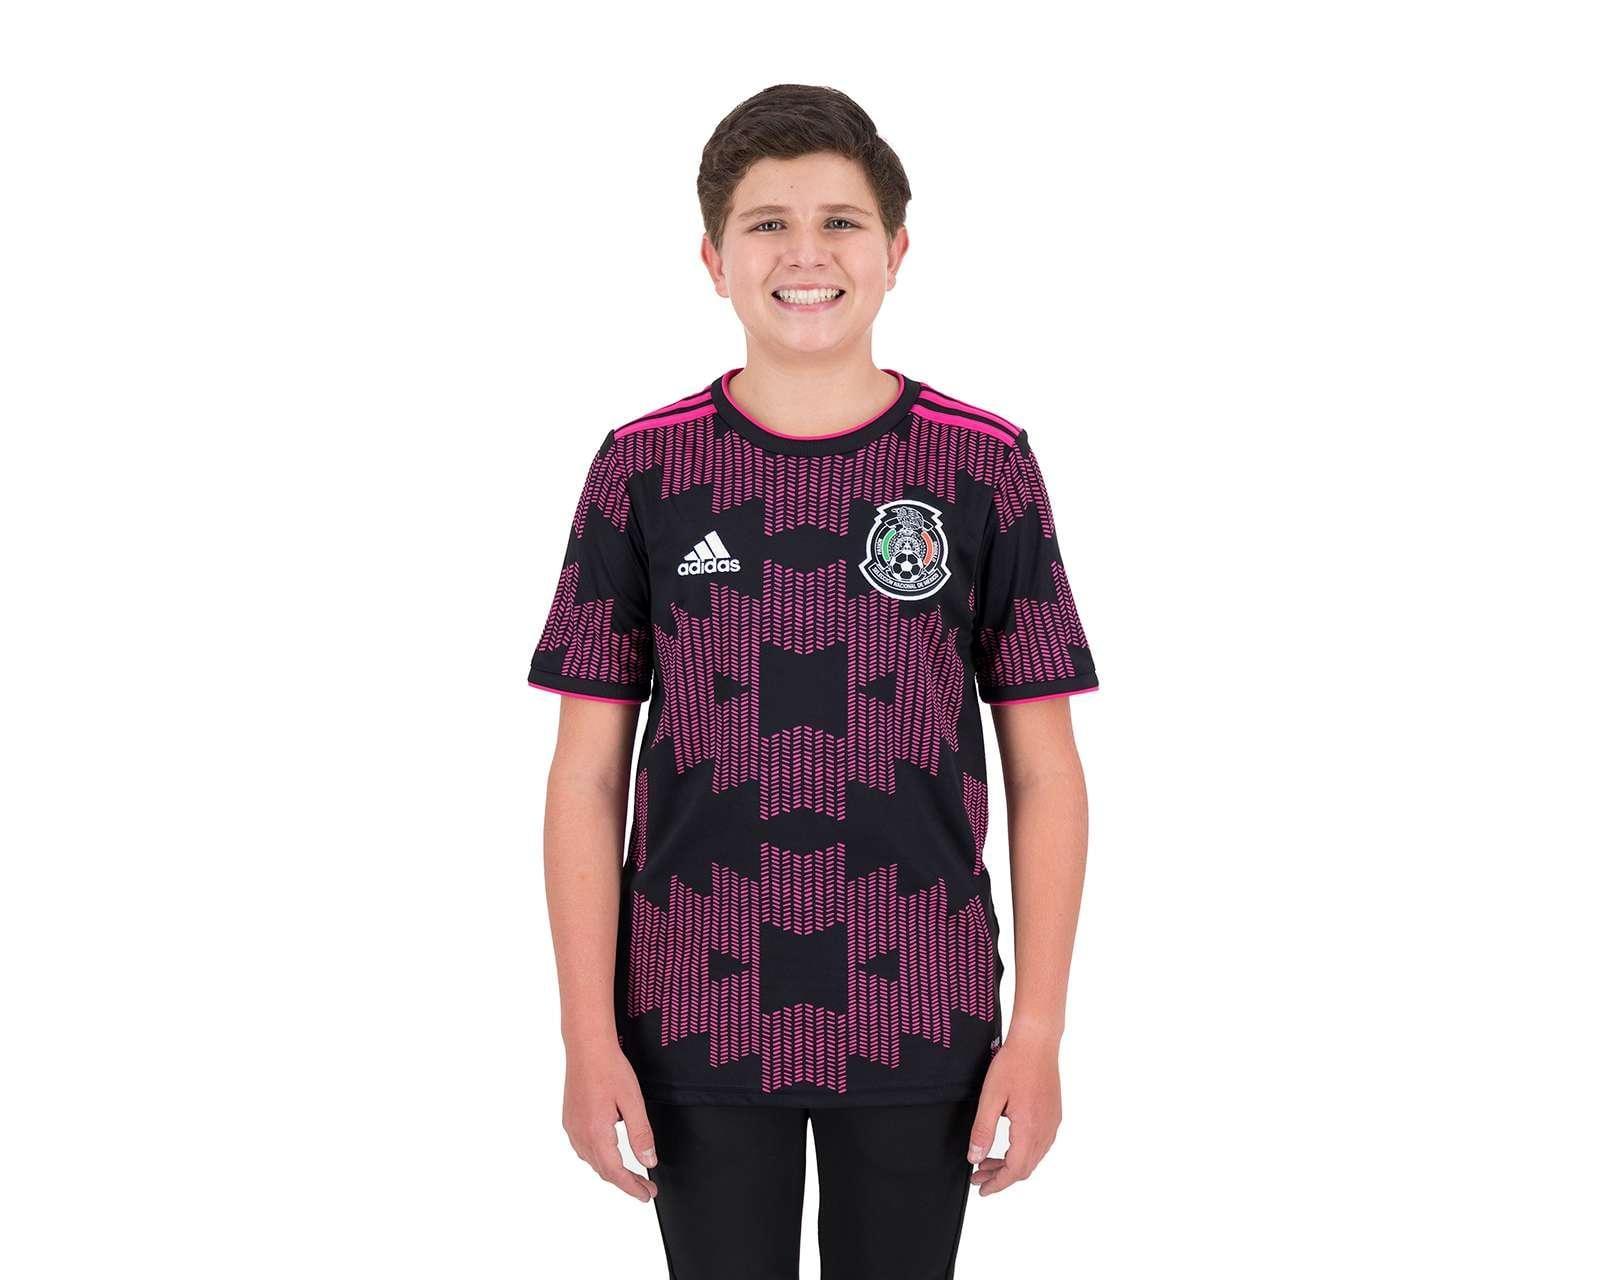 Foto 1|Jersey Adidas Selección Mexicana de Local para Niño